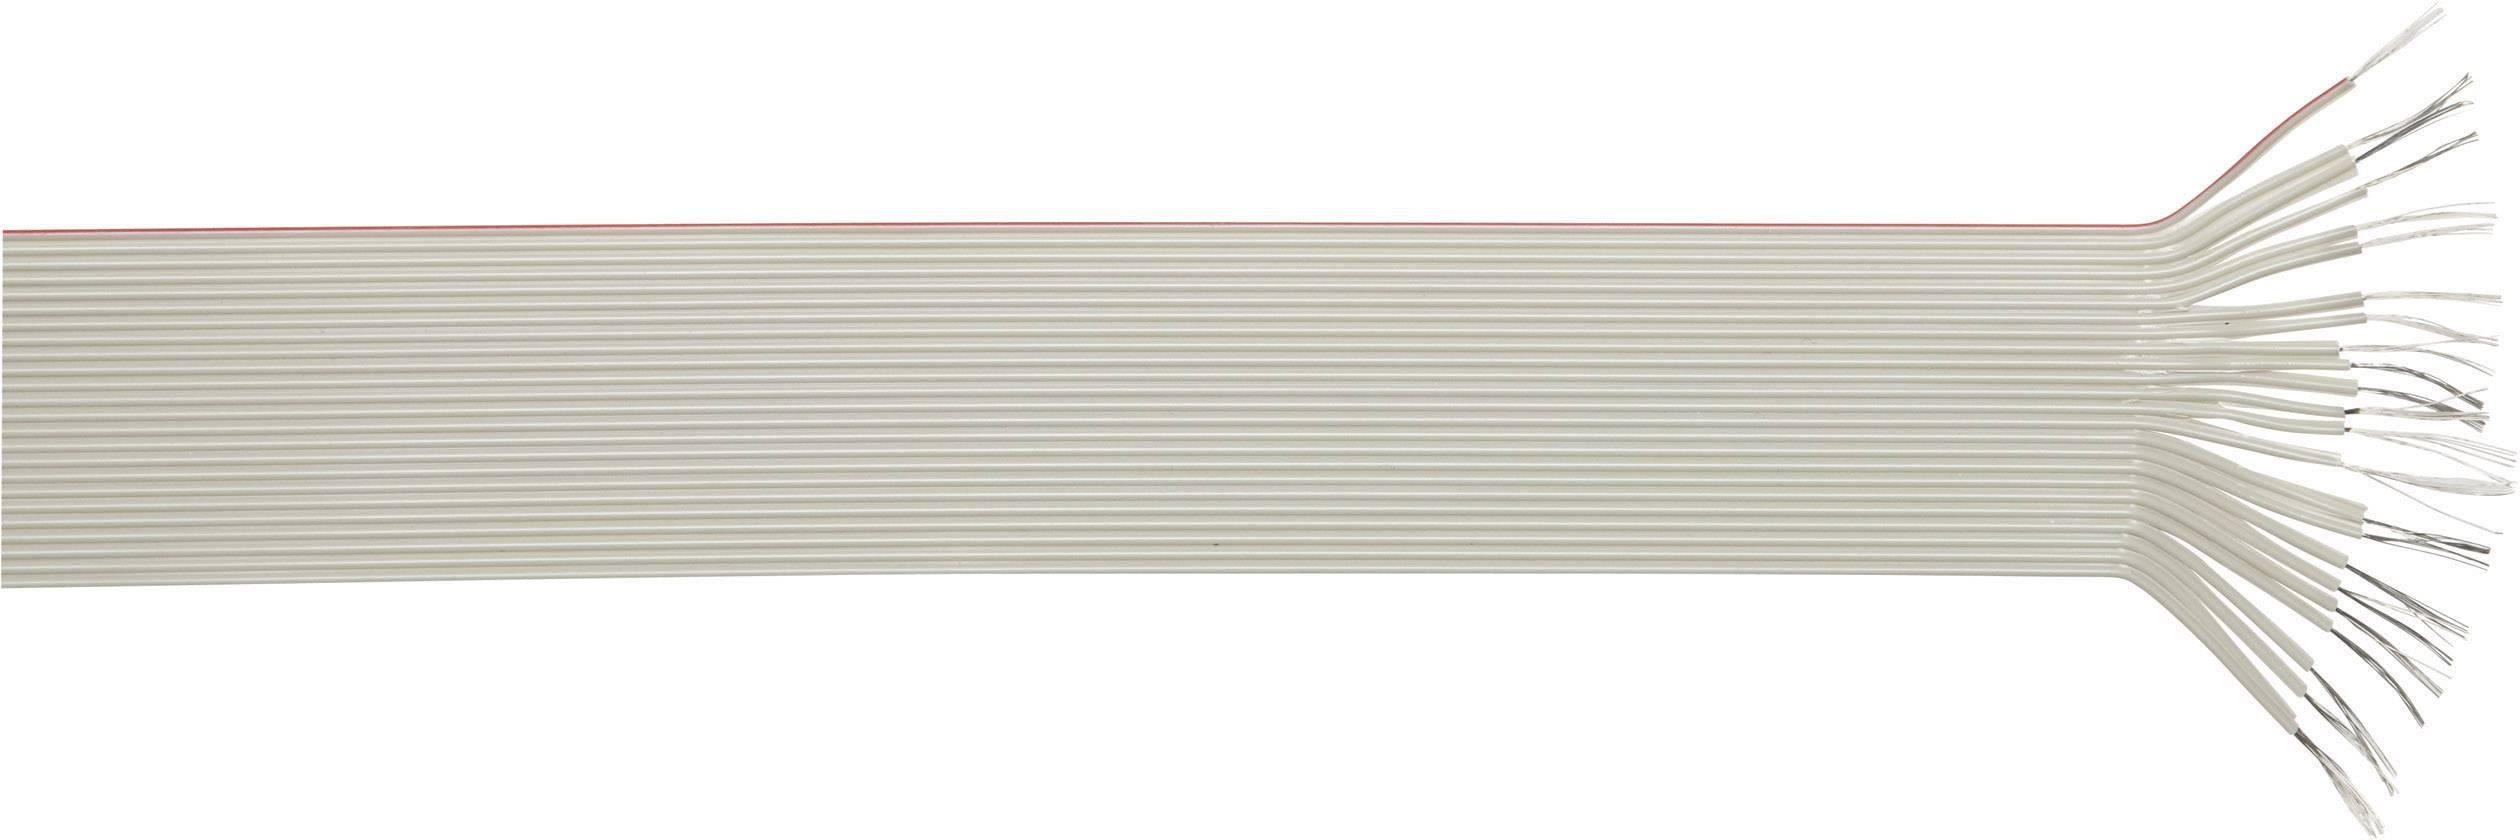 Plochý kábel LappKabel 49900046, rozteč 1.27 mm, 20 x 0.09 mm², sivá, metrový tovar